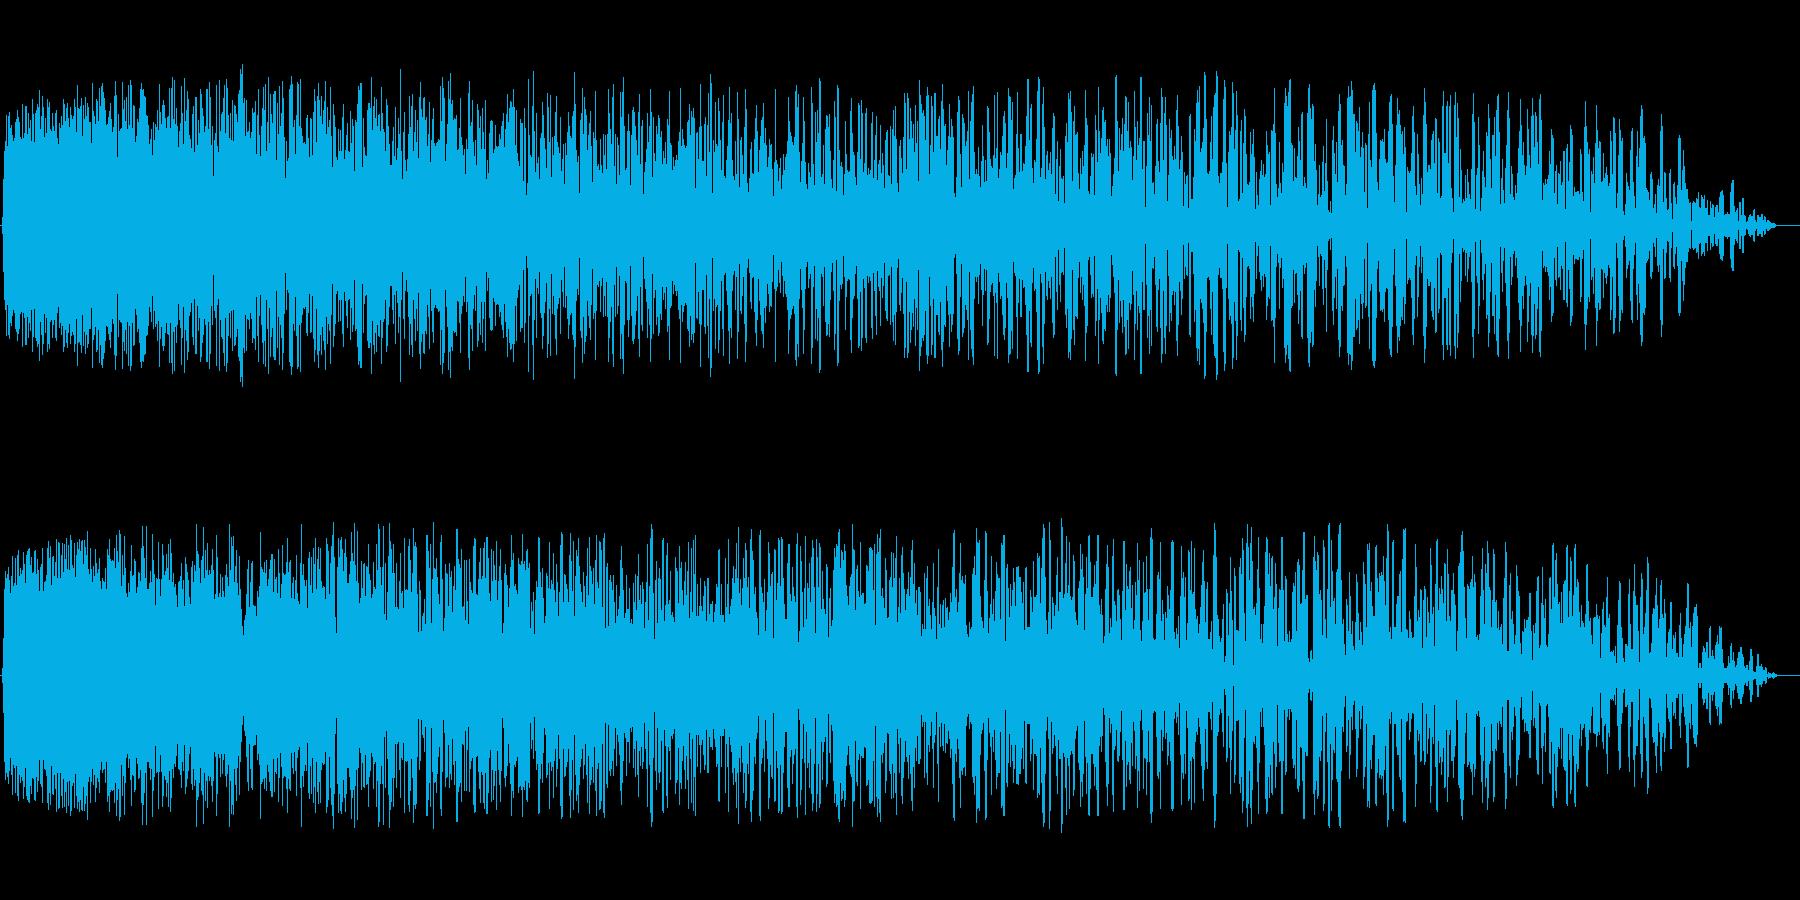 シュゥ〜〜〜〜〜〜ンの再生済みの波形